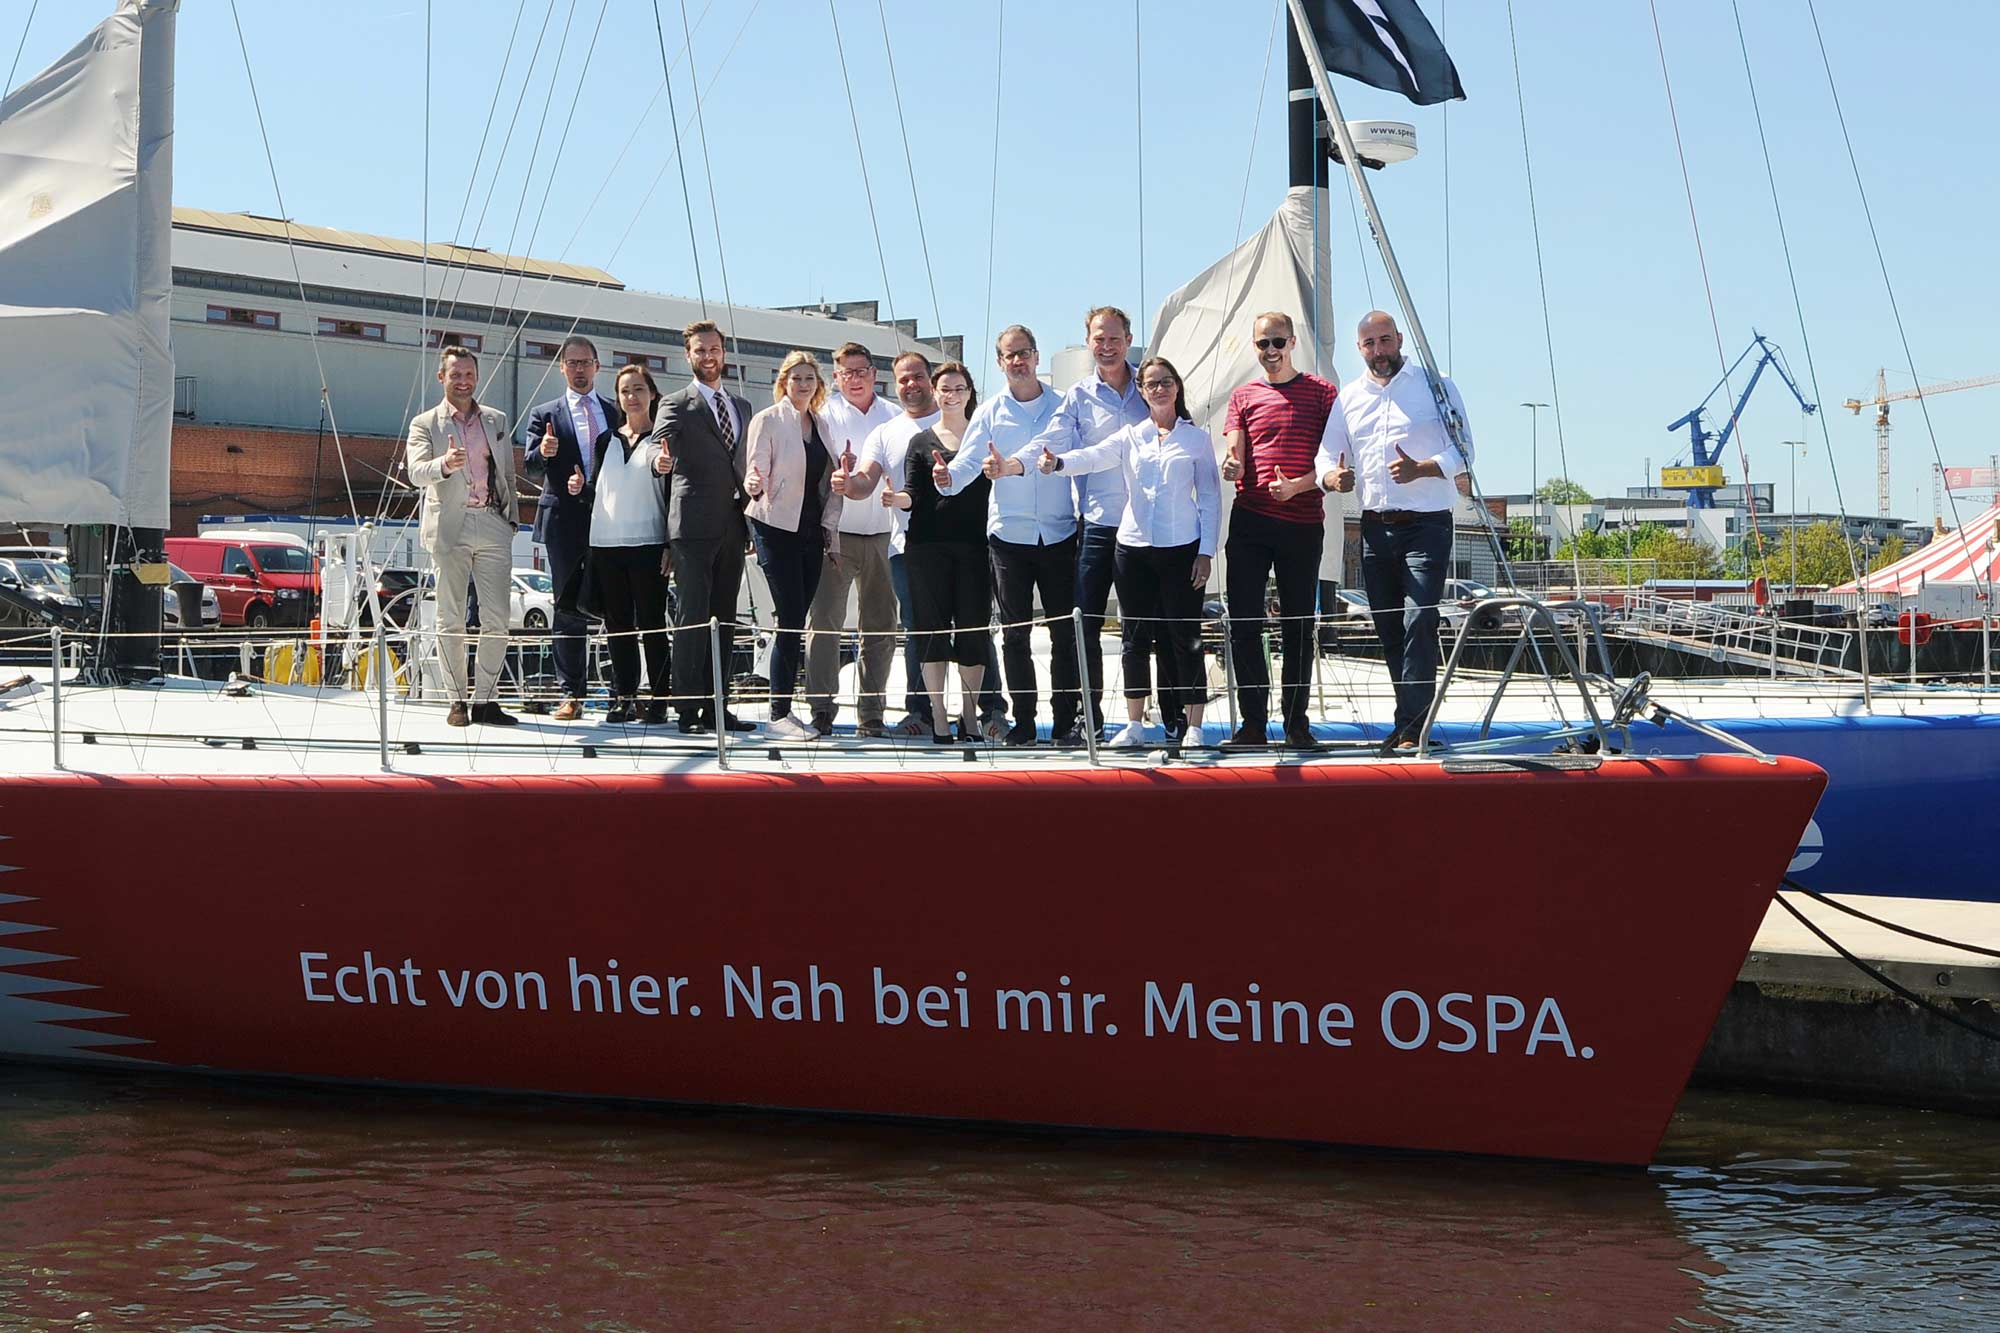 Wir von Optik Sagawe sind beim 9. Rostocker Firmenlauf mit am Start. Es dürfen wieder Sportbrillen getestet werden, zusammen mit der Piste Rostock gibt es wieder Teamfotos ... und die Möhren werden auch nicht fehlen.